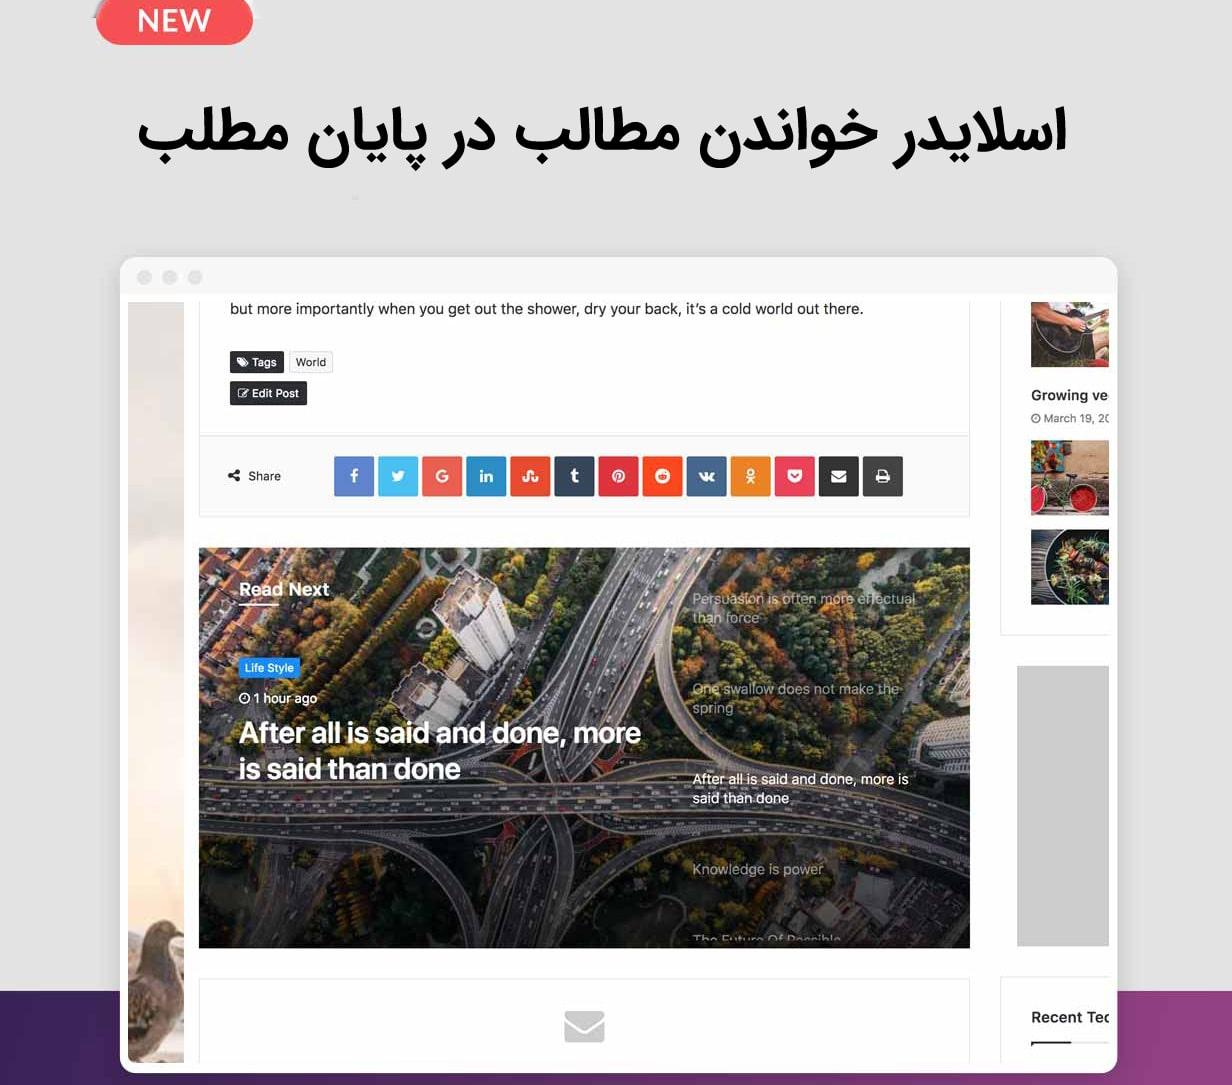 قالب خبری و مجلهای جنه | Jannah Theme 9